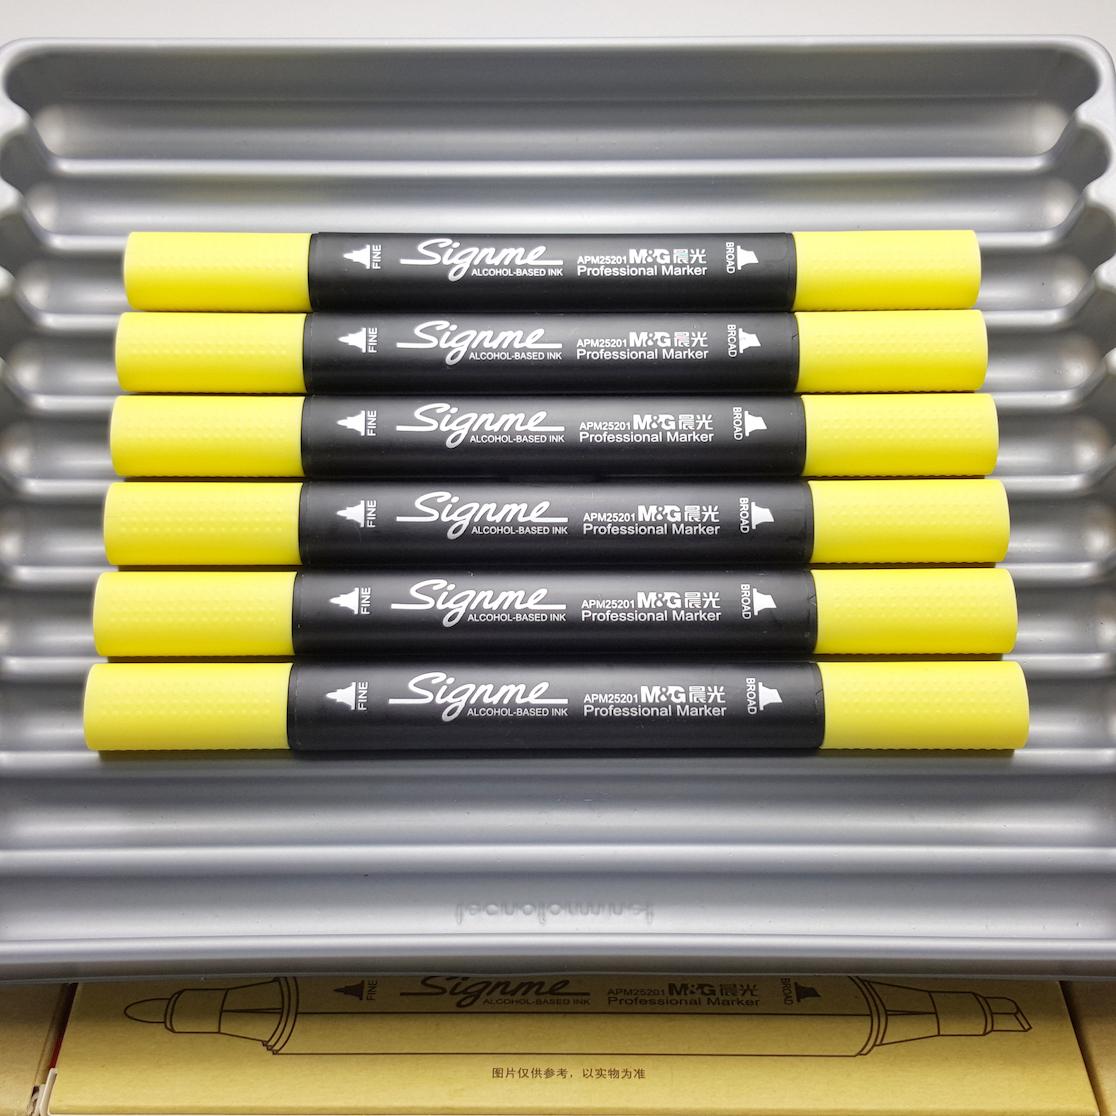 ปากกามาร์คเกอร์ไซน์มิ Signme Professional Marker - #045